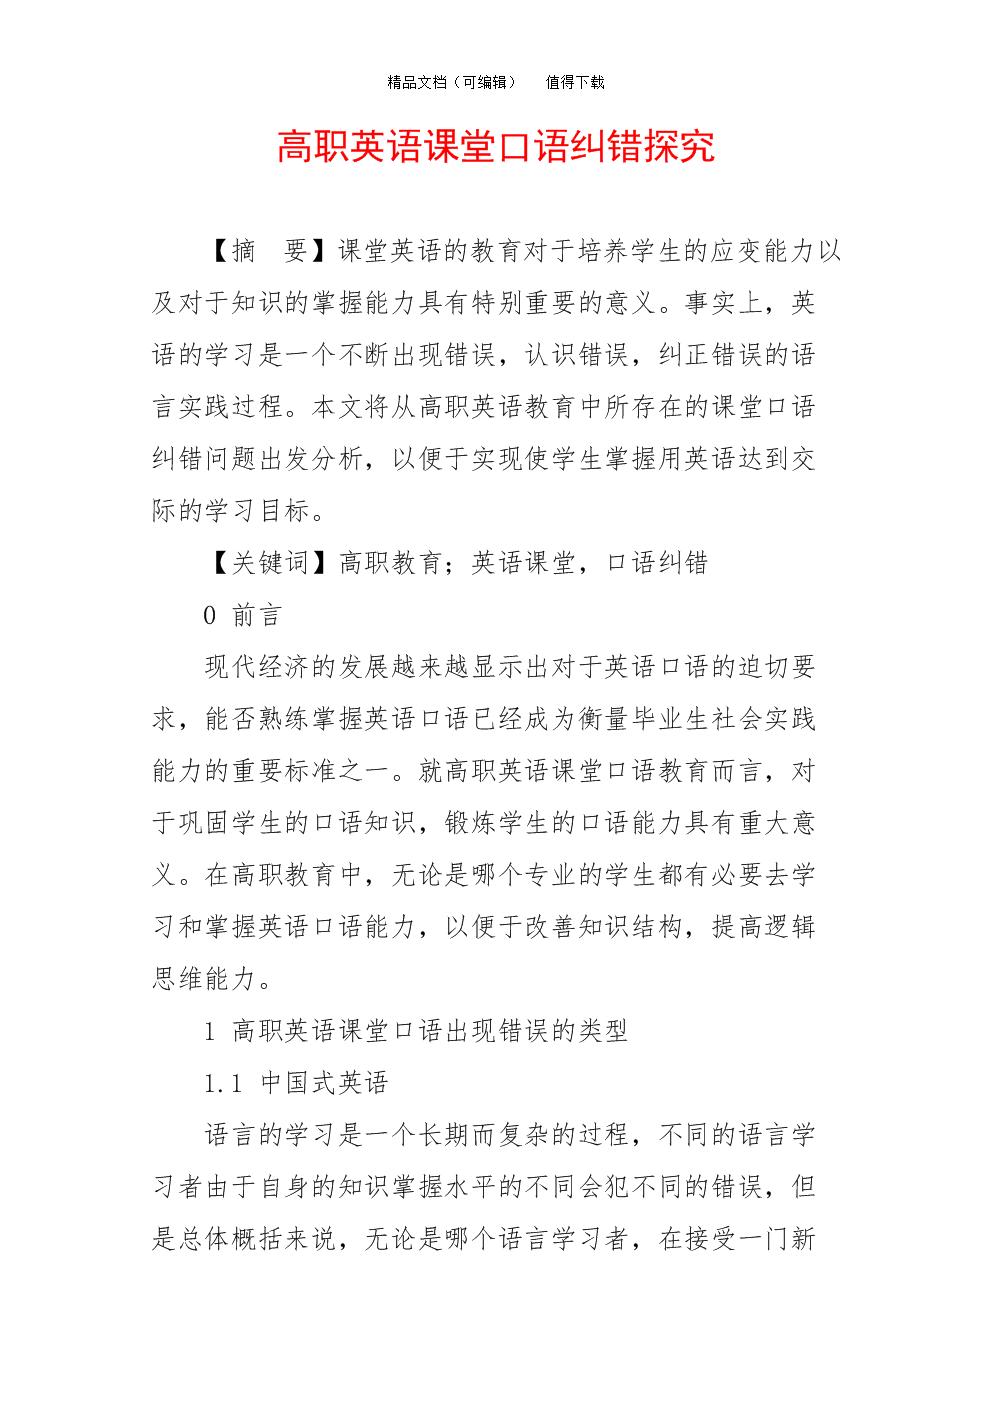 高职英语课堂口语纠错探究.doc